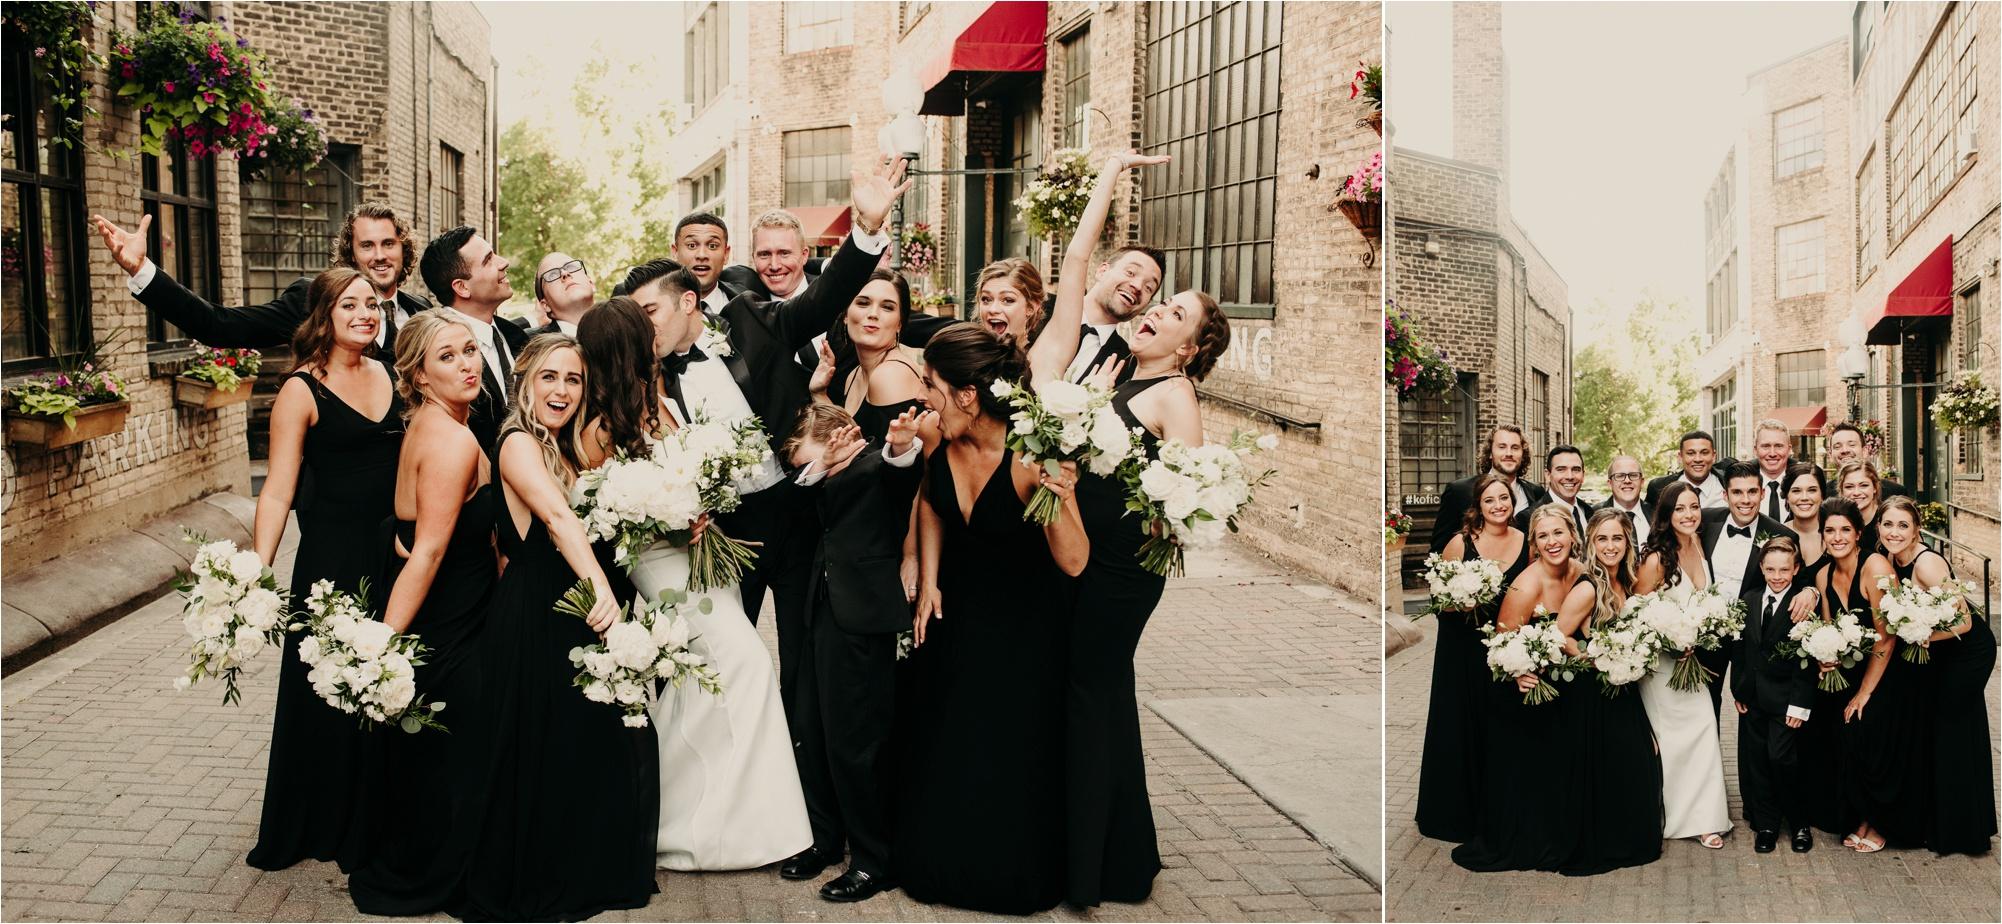 loring park minneapolis loring social bridal party photos